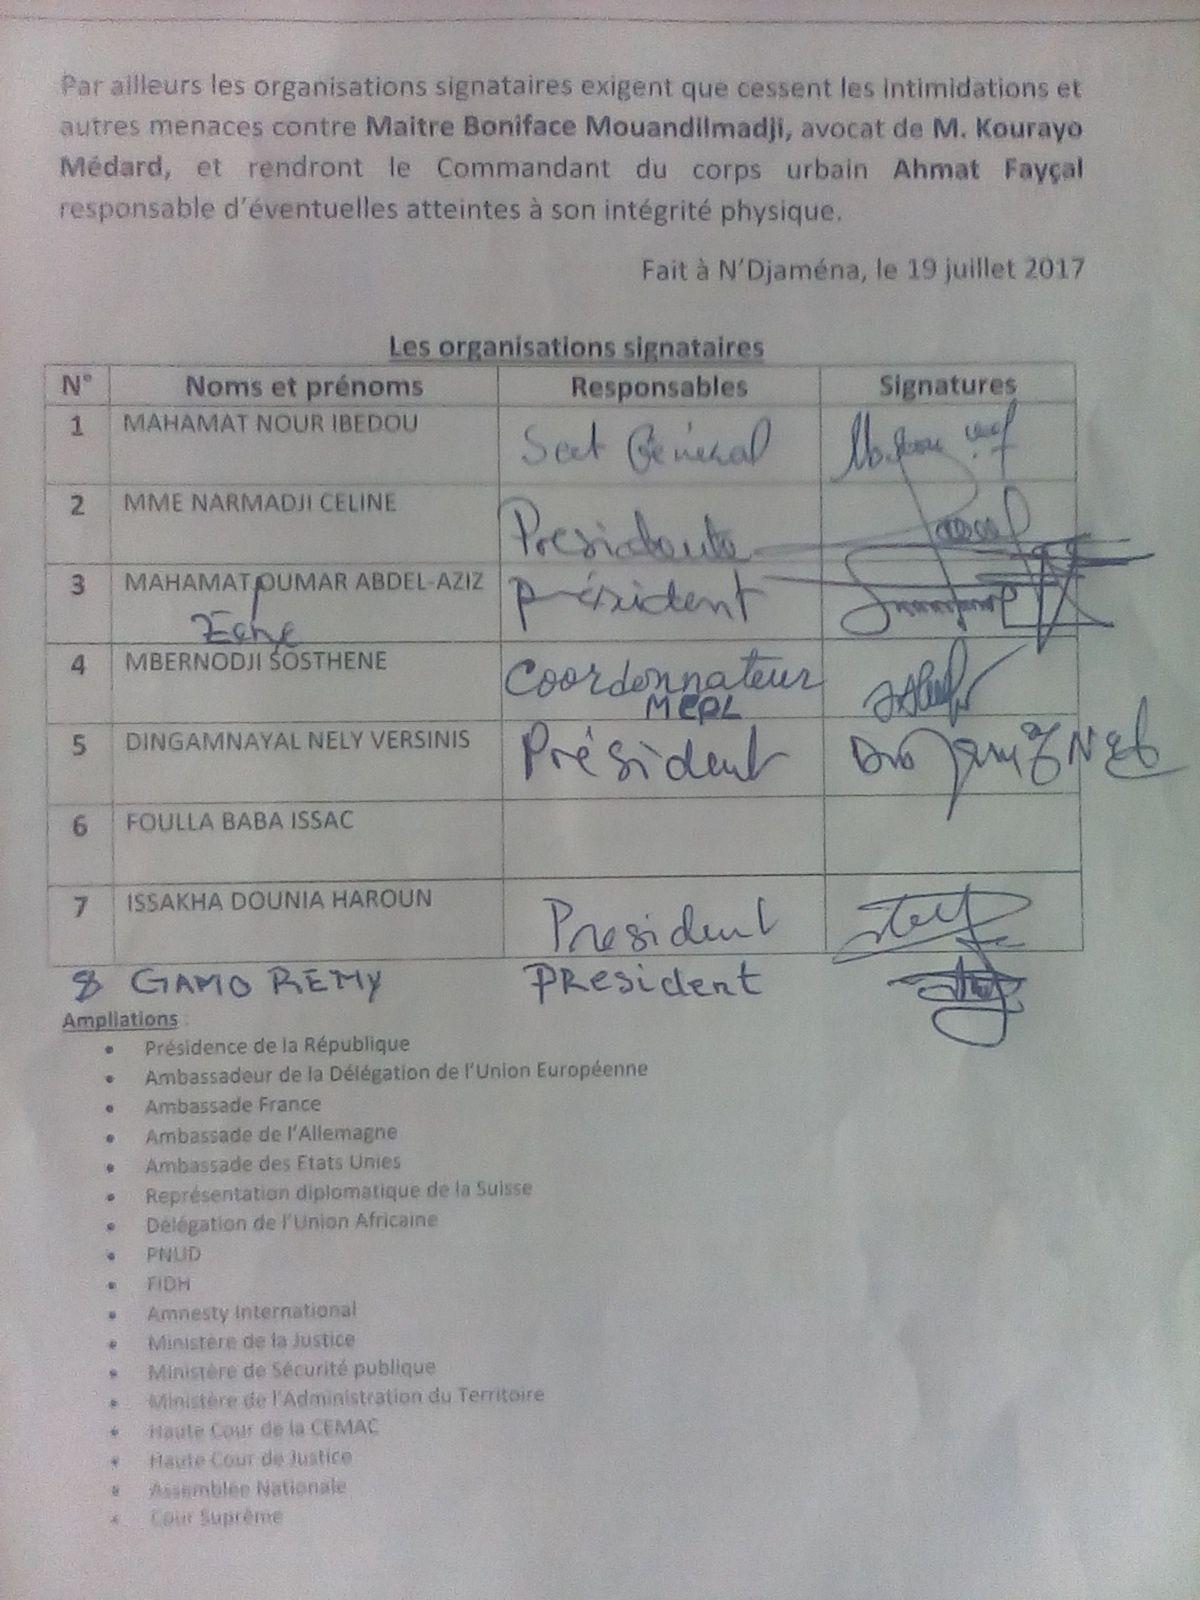 Acteurs politiques et associatifs harcélés au Tchad: les OSC mettent en garde Ahmat Fayçal, commandant urbain de Moundou